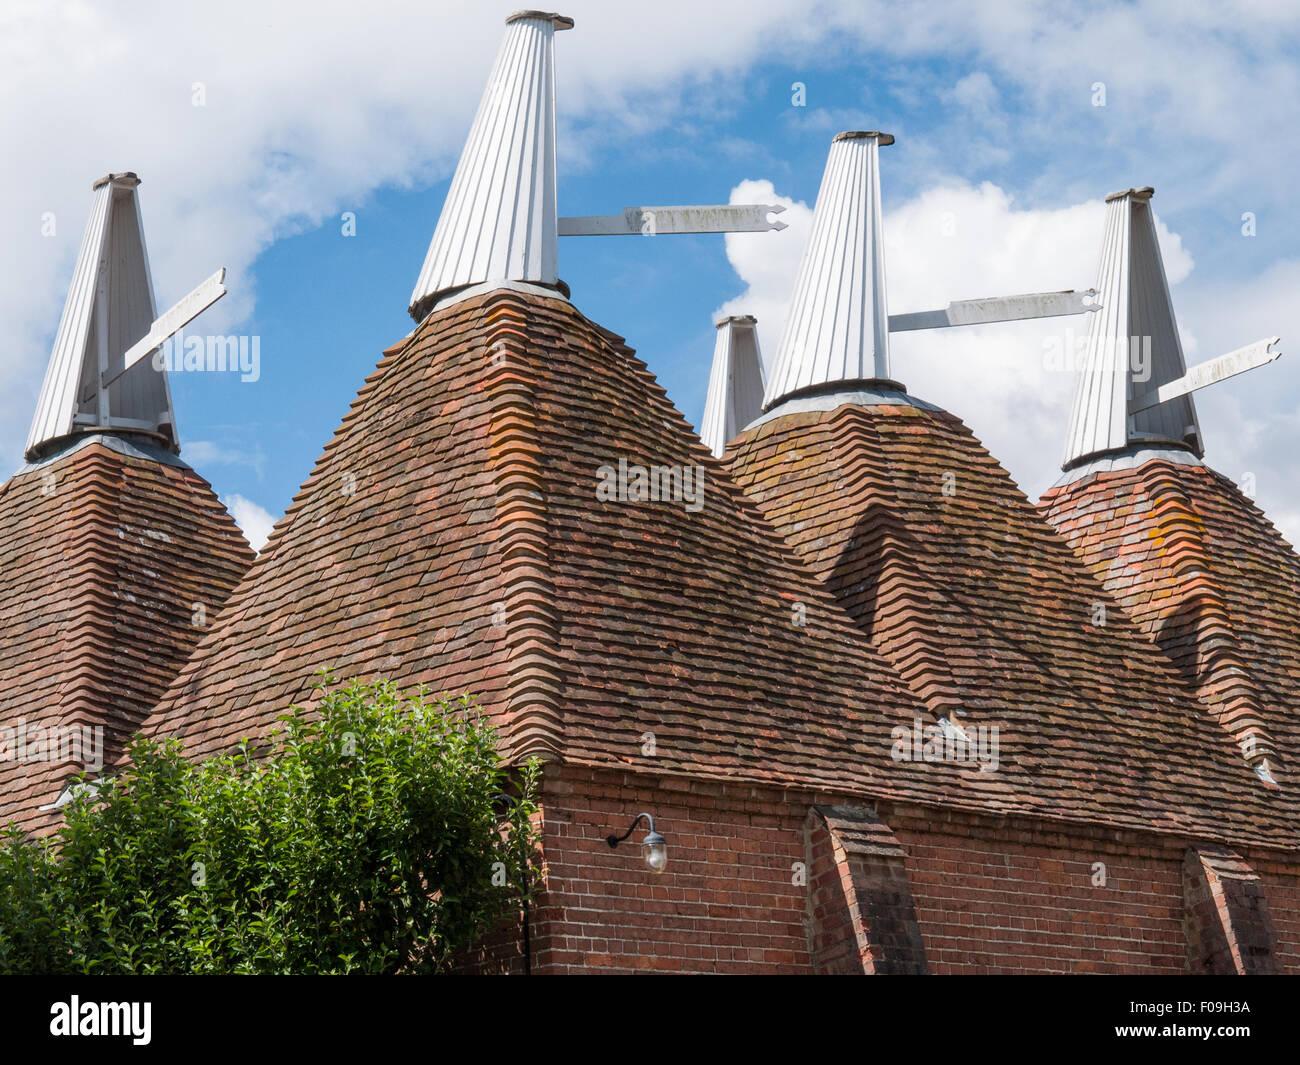 Oast Houses at Sissinghurst Castle, Kent, England - Stock Image